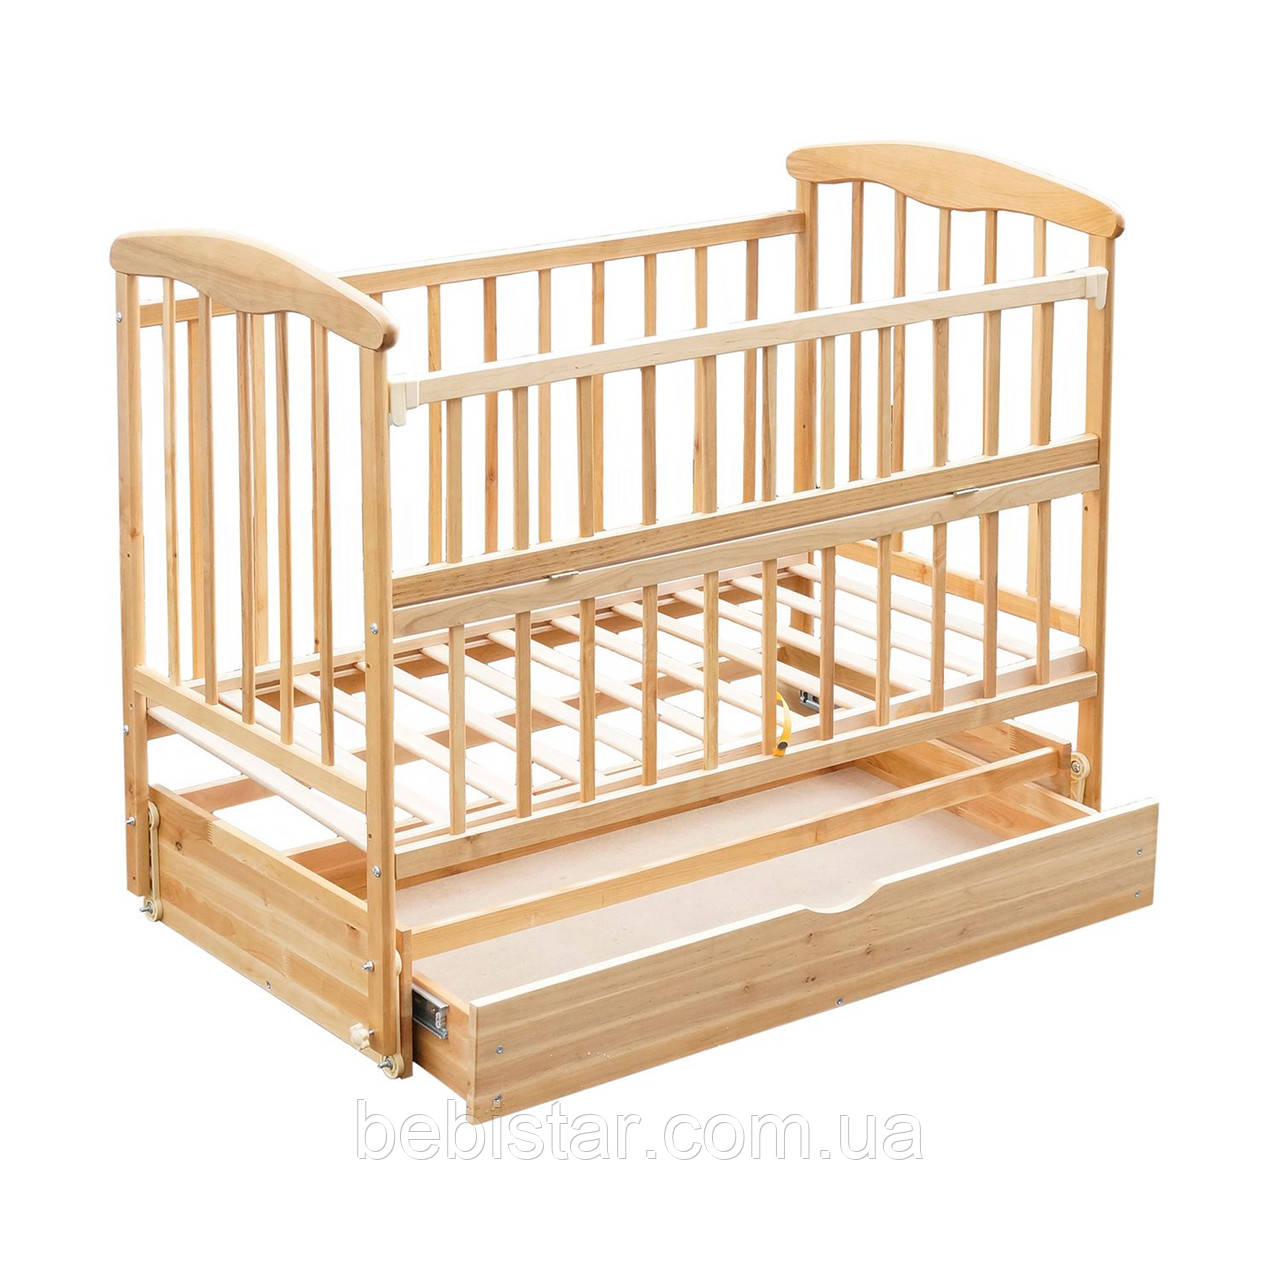 Детская кроватка с маятниковым механизмом, шуфлядкой и откидным бортиком Ольха Светлая